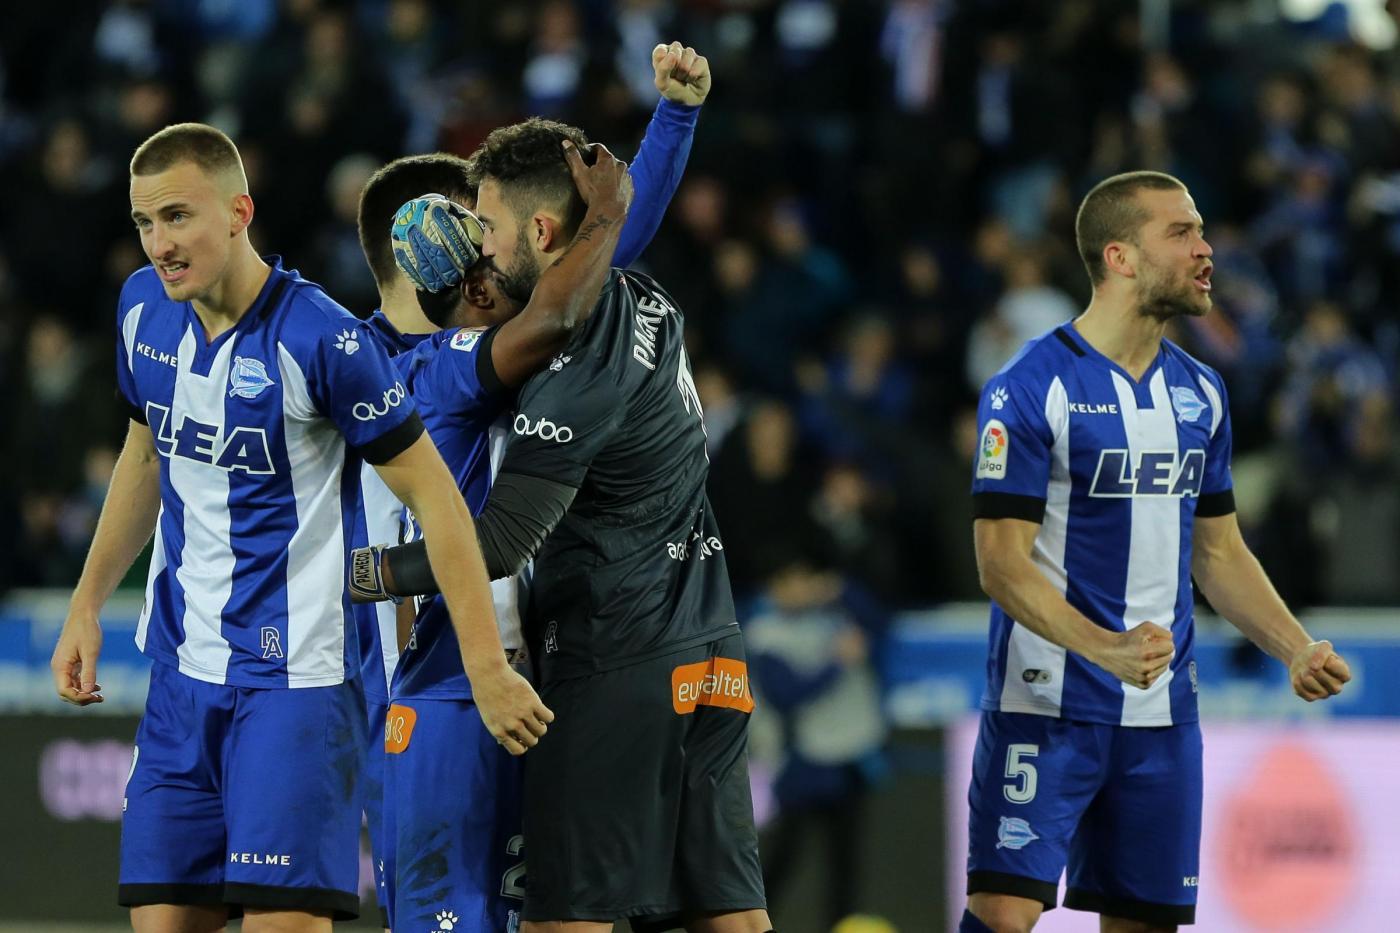 LaLiga, Deportivo Alaves-Real Sociedad sabato 4 maggio: analisi e pronostico della 36ma giornata del campionato spagnolo